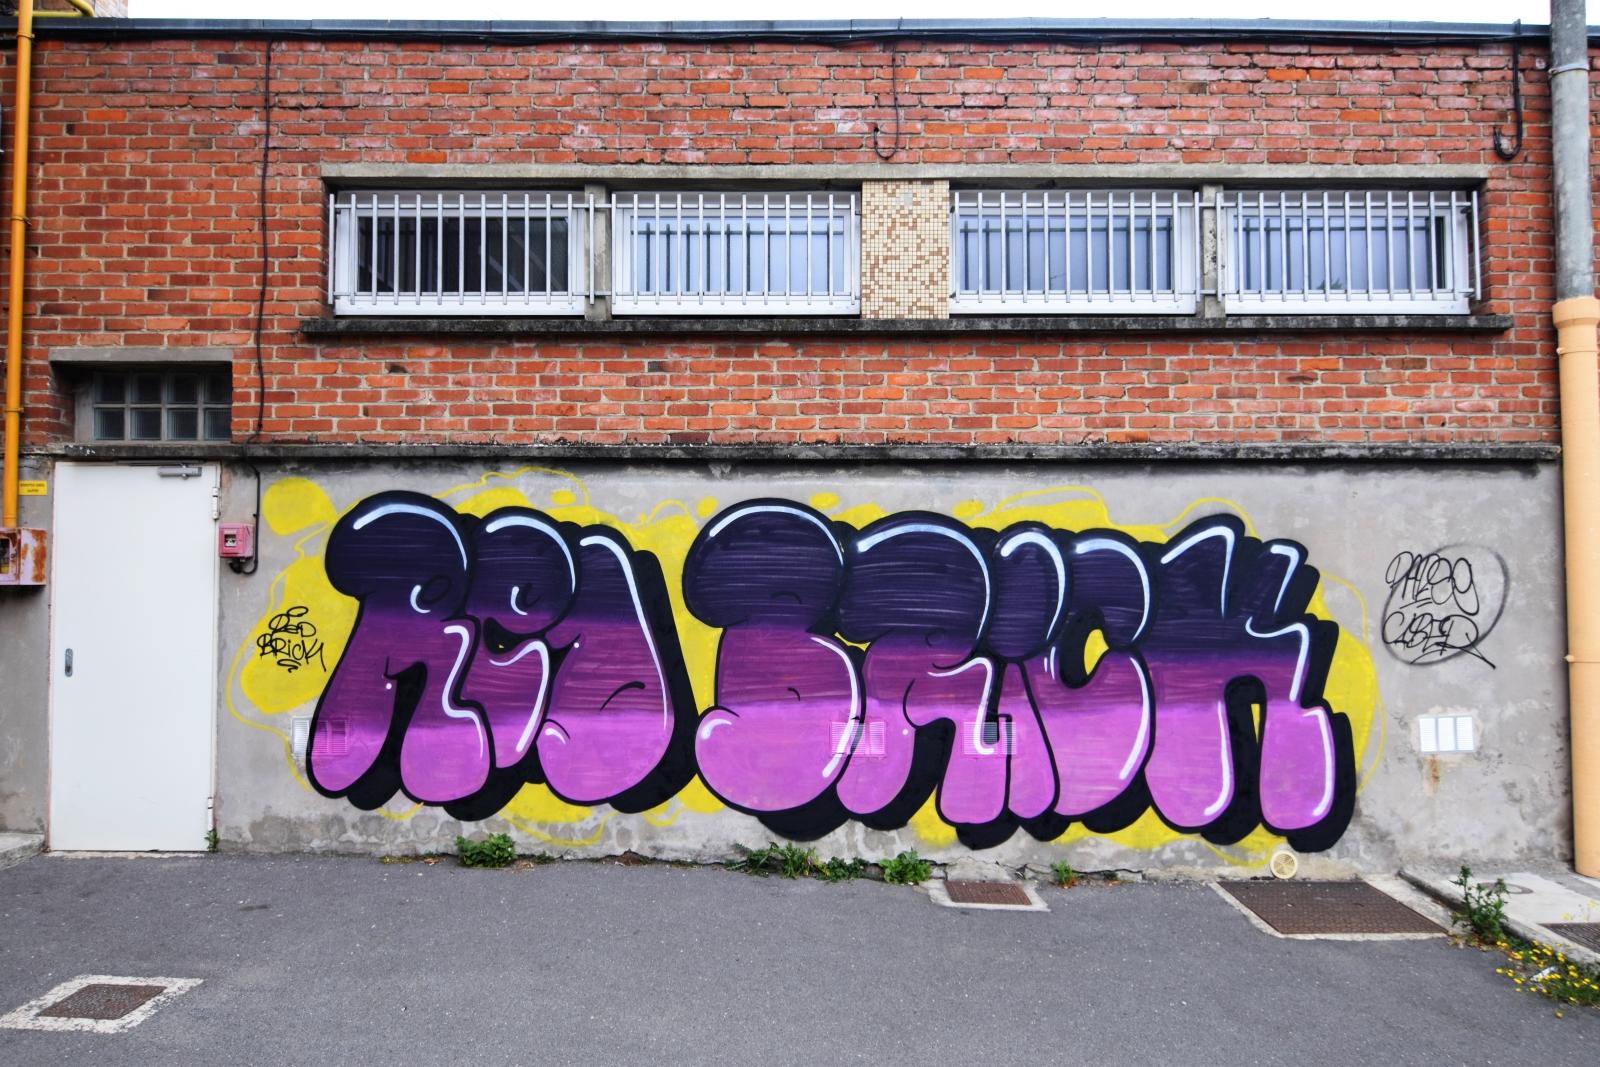 Graffiti-Dans-3-ecoles-primaires-noeux-les-mines-006